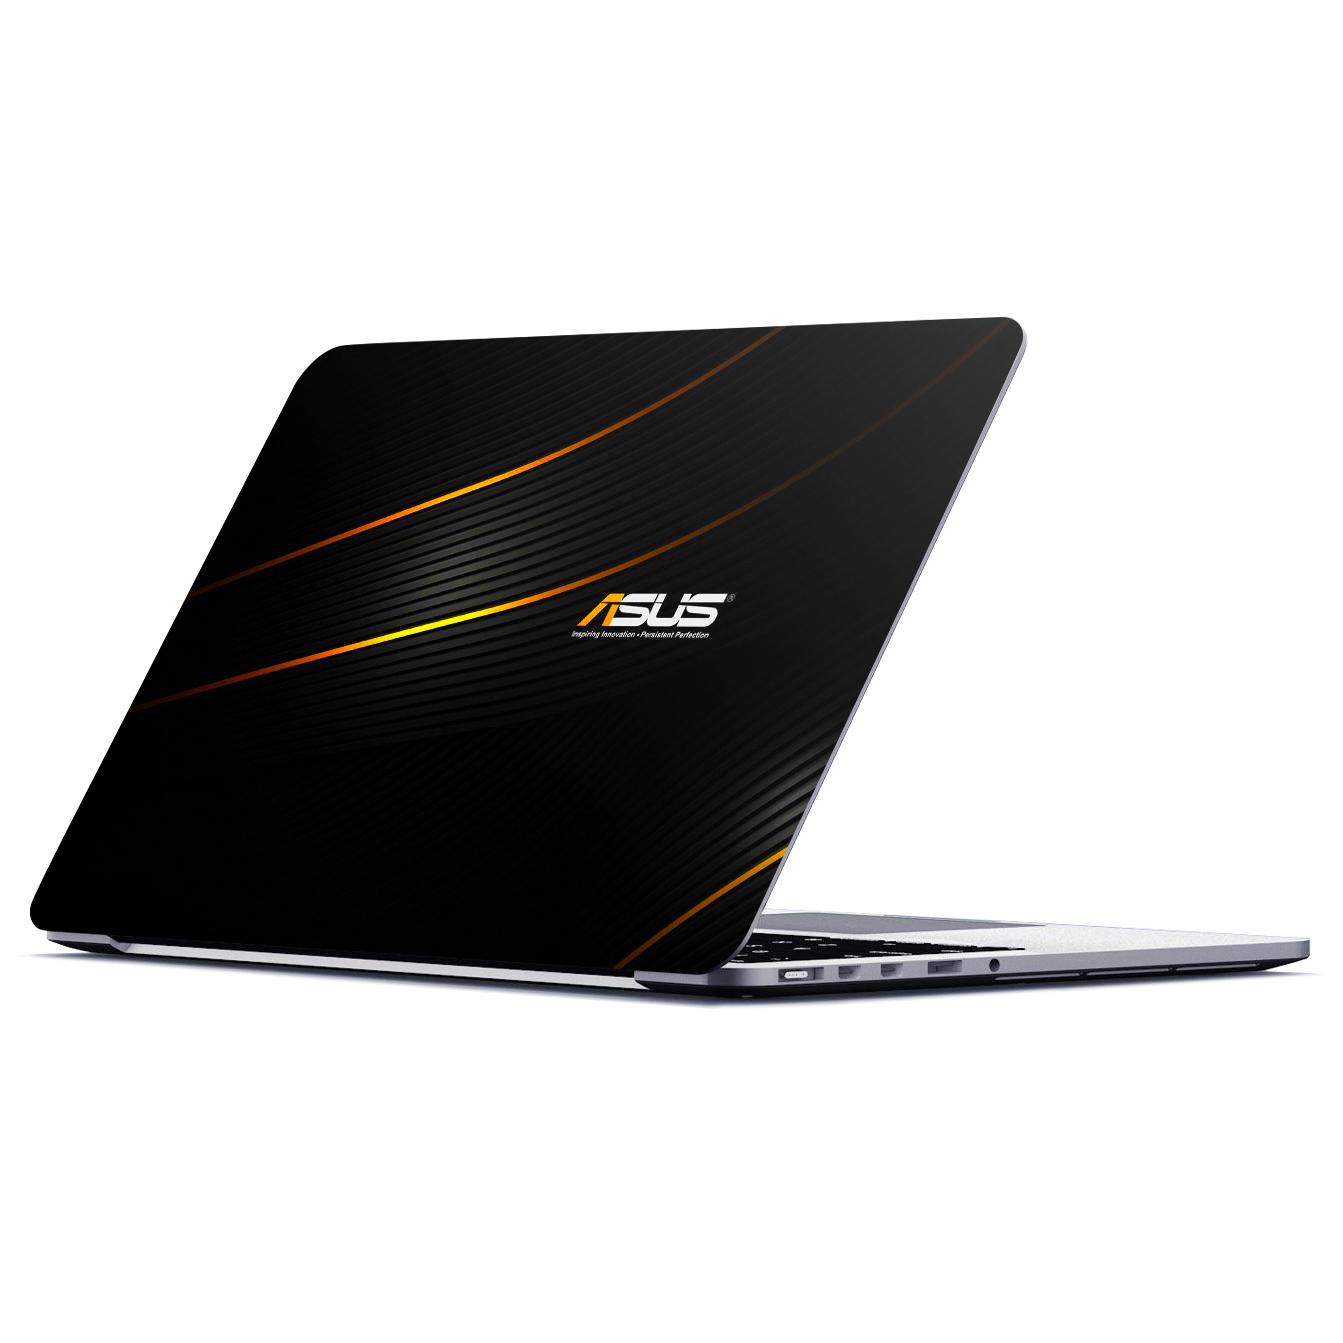 بررسی و {خرید با تخفیف} استیکر لپ تاپ ماسا دیزاین مدل STL0195 مناسب برای لپ تاپ 15.6 اینچ اصل